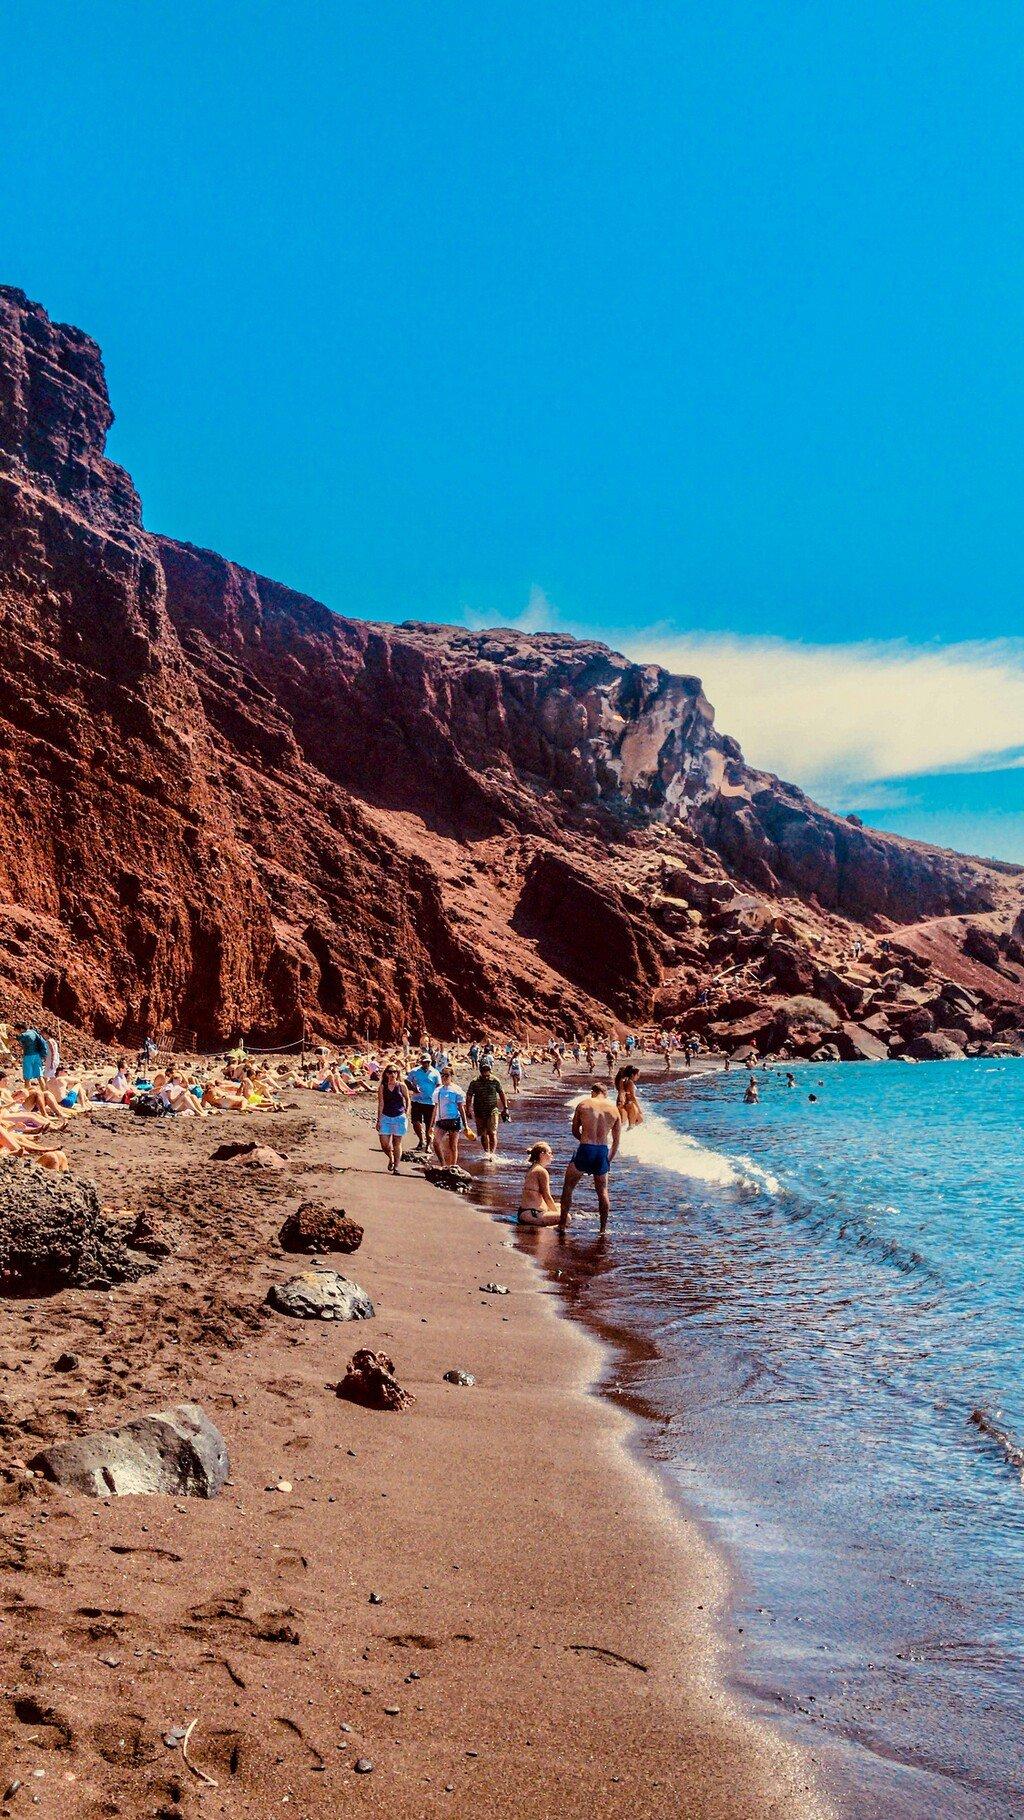 af2a2e8926ee My sme však nechceli stráviť celý deň na pláži a tak sme po troške  vylihovania pokračovali ďalej a navštívili sme archeologické mestečko  Akrotiri